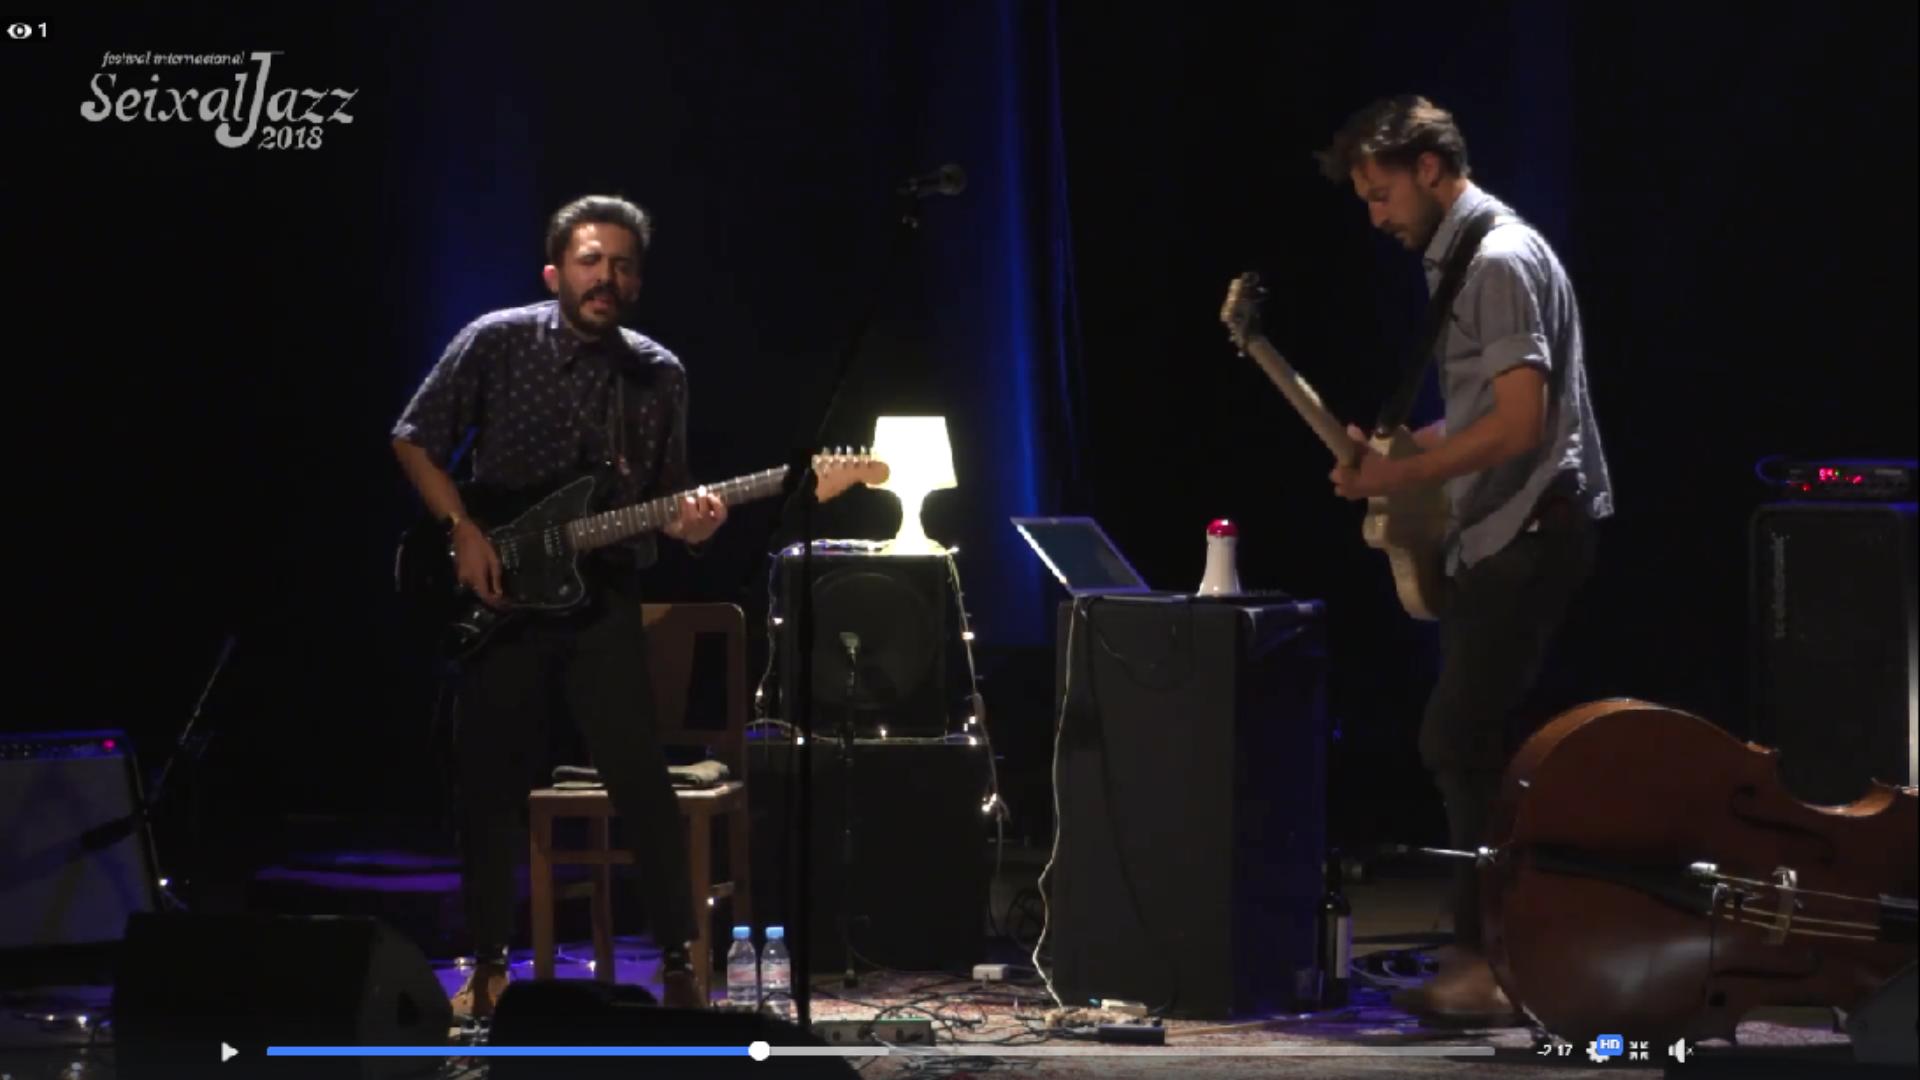 Pedro Branco e João Hasselberg no Seixal Jazz